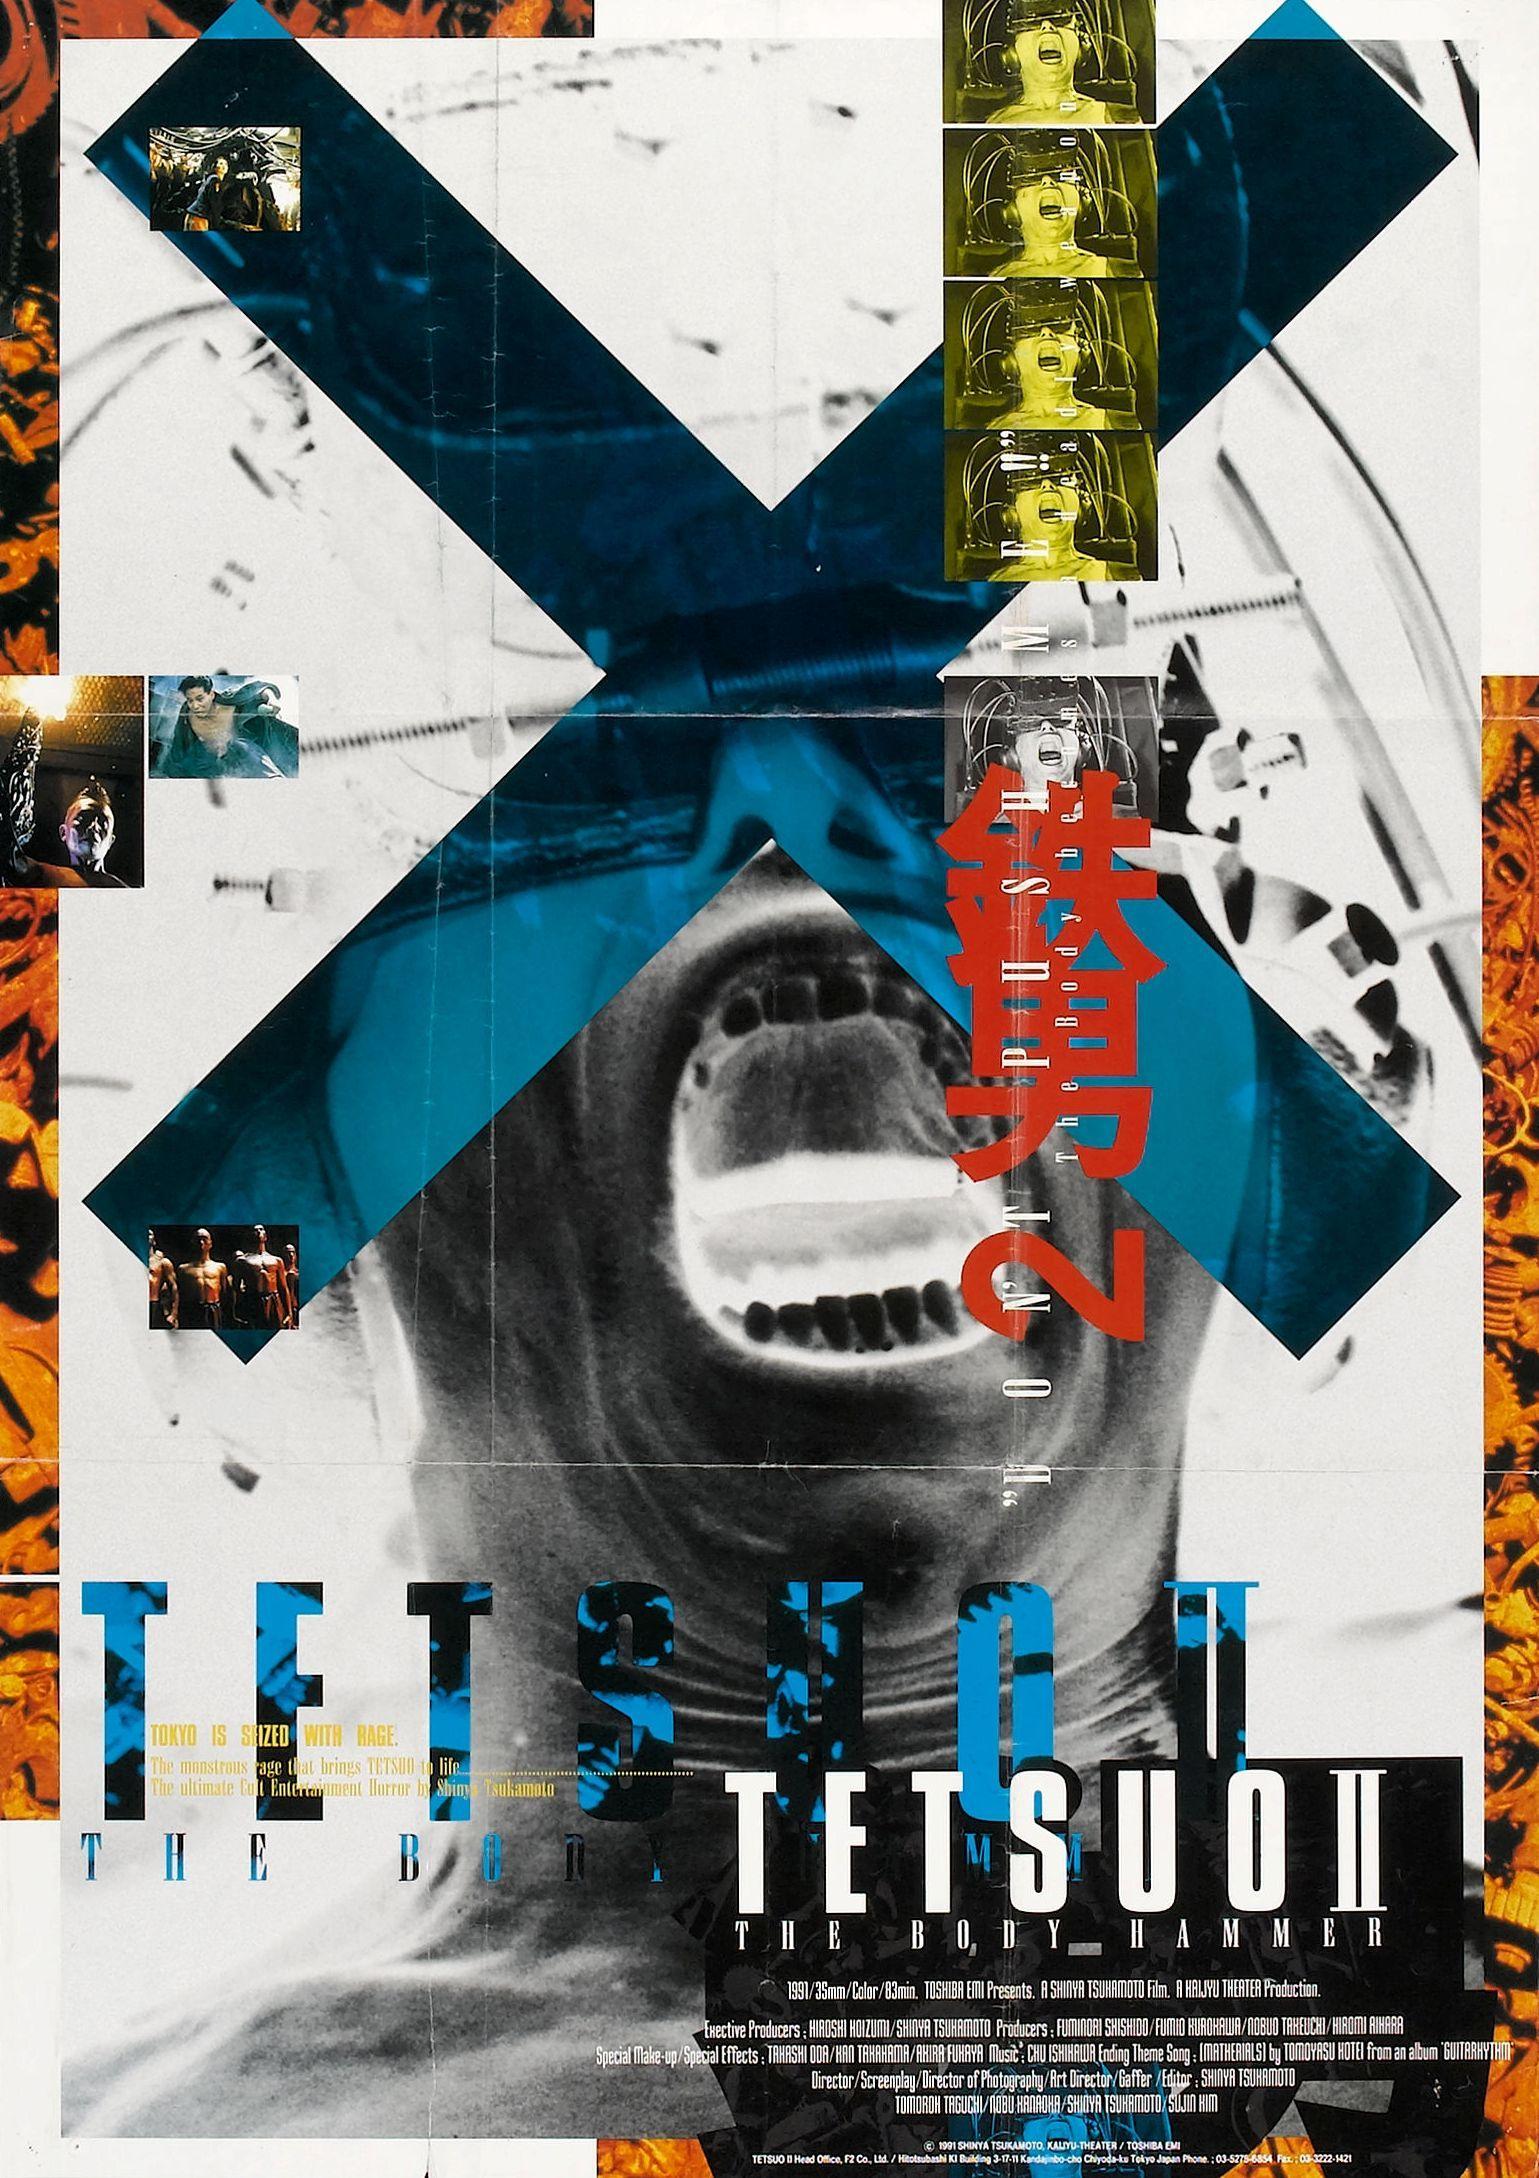 TETSUO II: BODY HAMMER (Tsukamoto, 1992) - Original Japanese B5 (7x10)